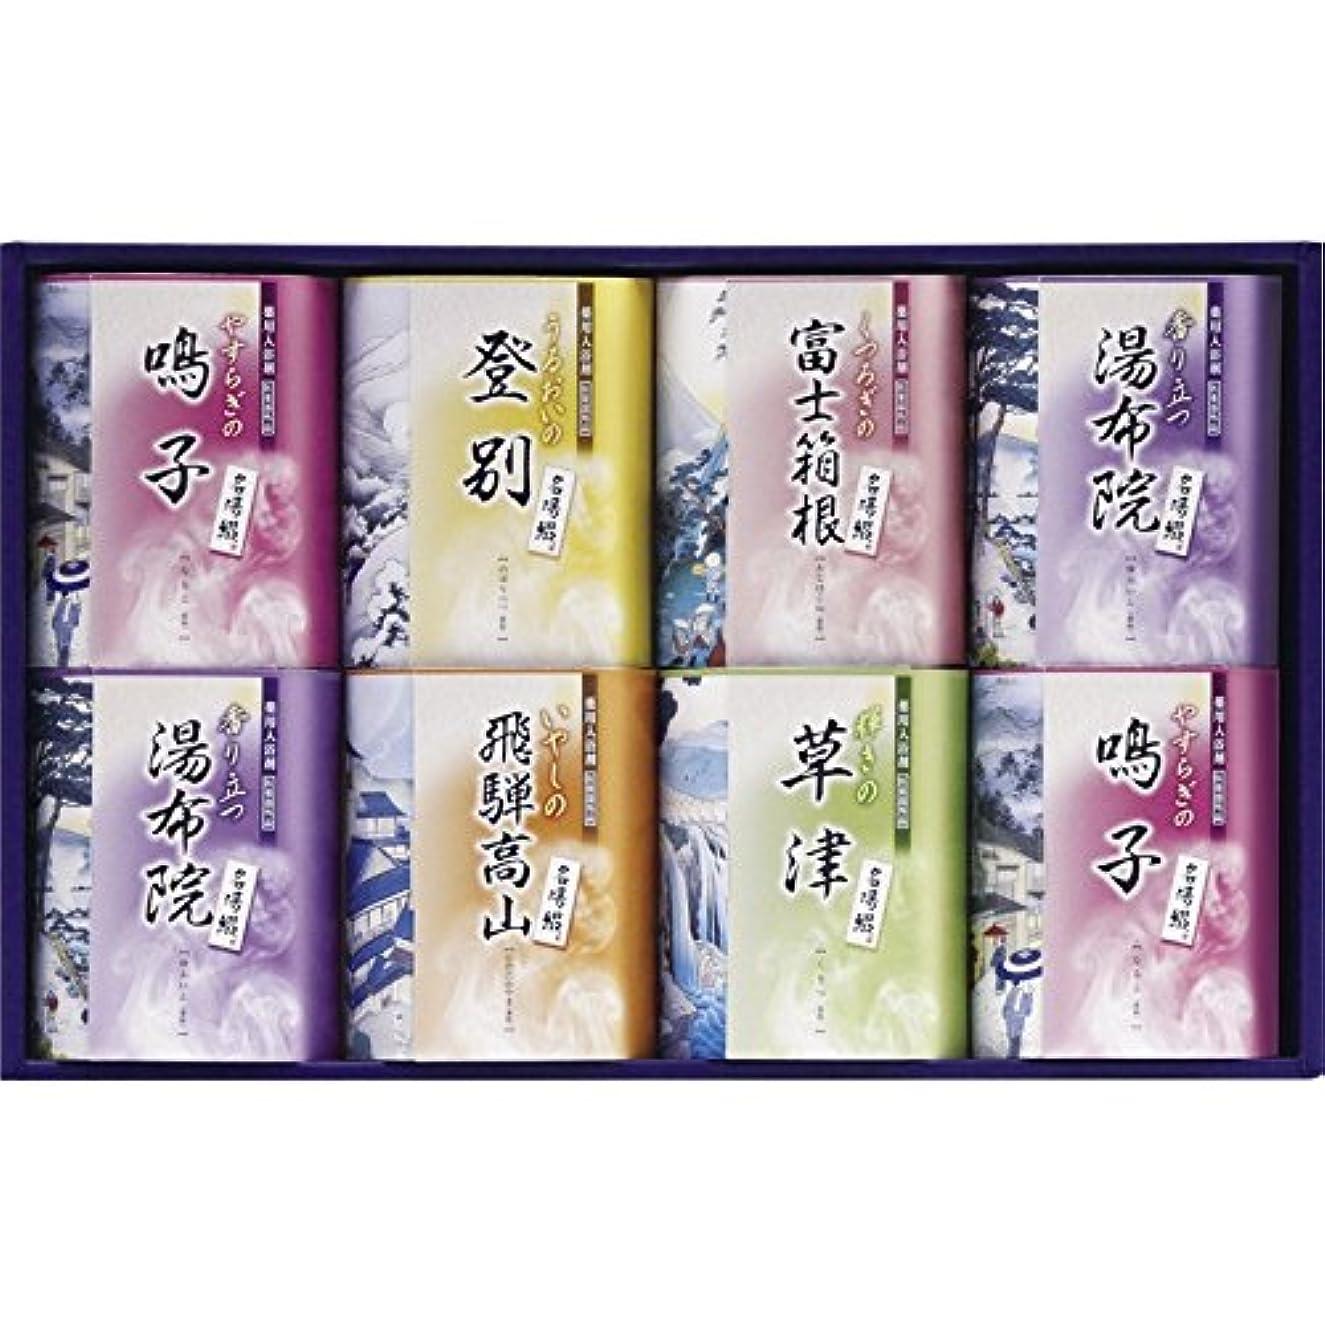 に同意する七時半韓国名湯綴入浴剤セット TML-15 【個包装 セット 詰め合わせ 疲労回復 ご褒美 贅沢 プチギフト 温まる 温泉 粉 ご当地 まとめ買い 名湯 リラックス 美肌 つめあわせ やさしい やすらぎ】